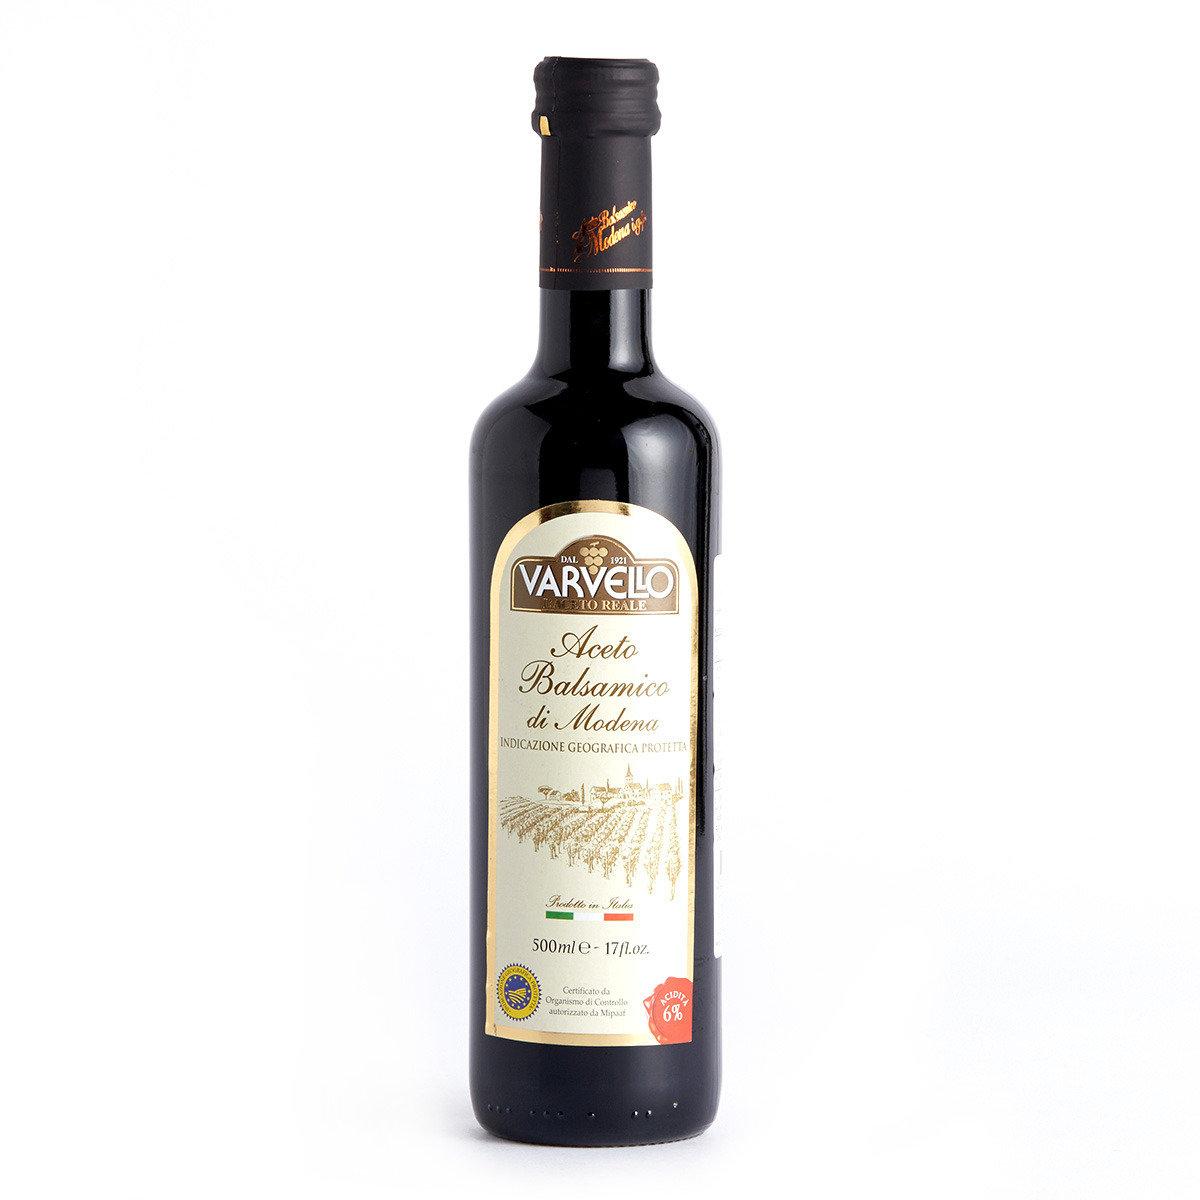 歐莉瓦維羅金牌摩典那產區認證黑酒醋